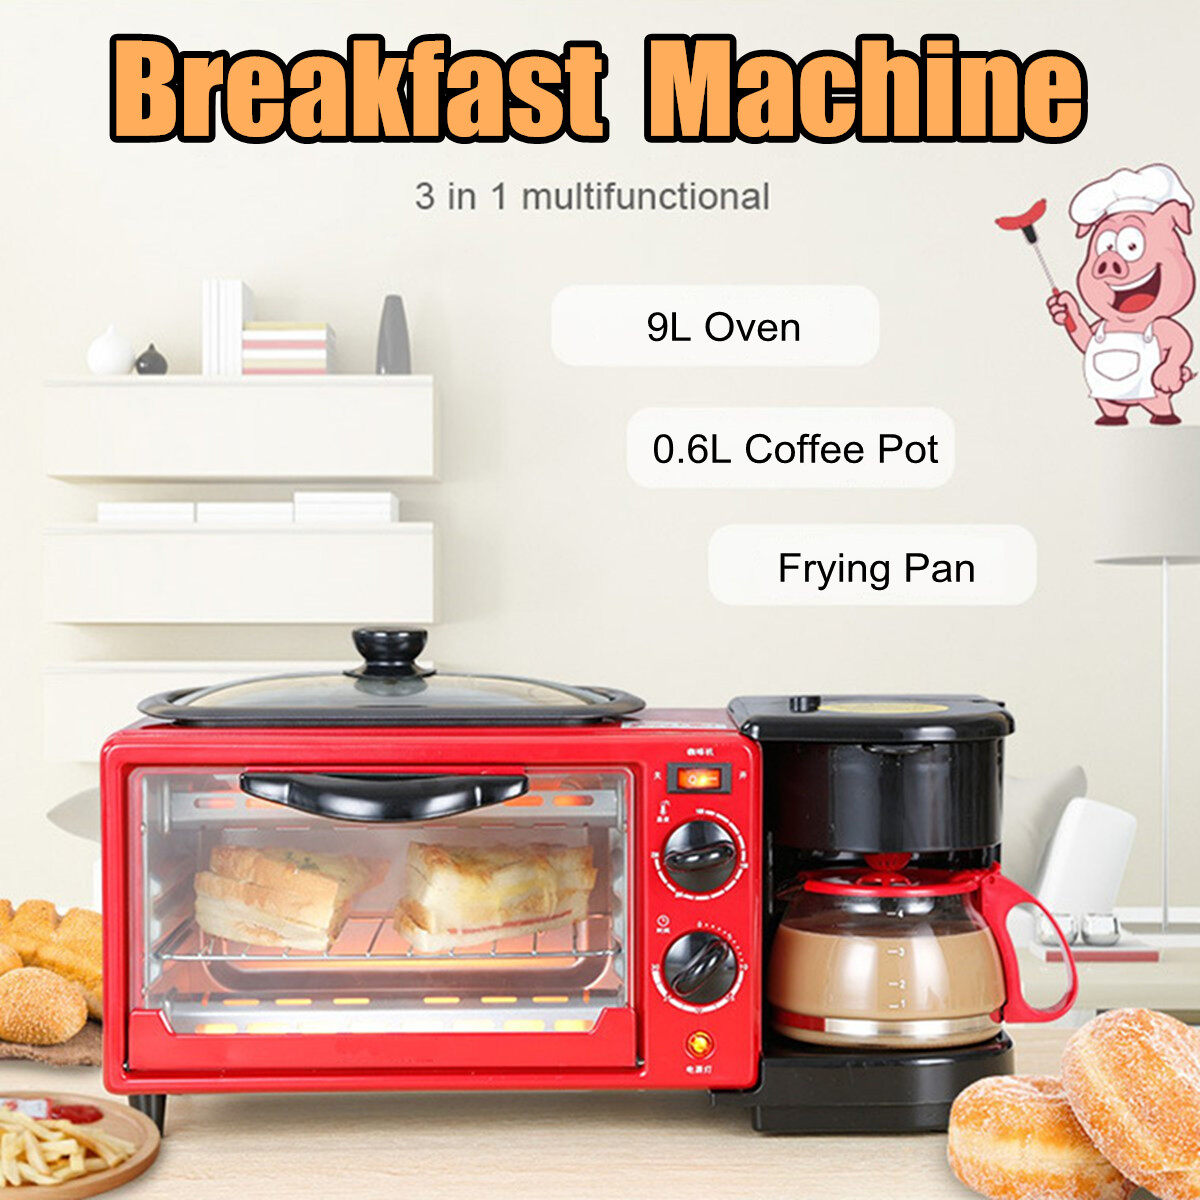 3-In-1 Multifunction Breakfast Machine Coffee Pot Frying Pan Oven Bread Baking Maker Bread Toaster Fried Egg Coffee Cooker 1050W